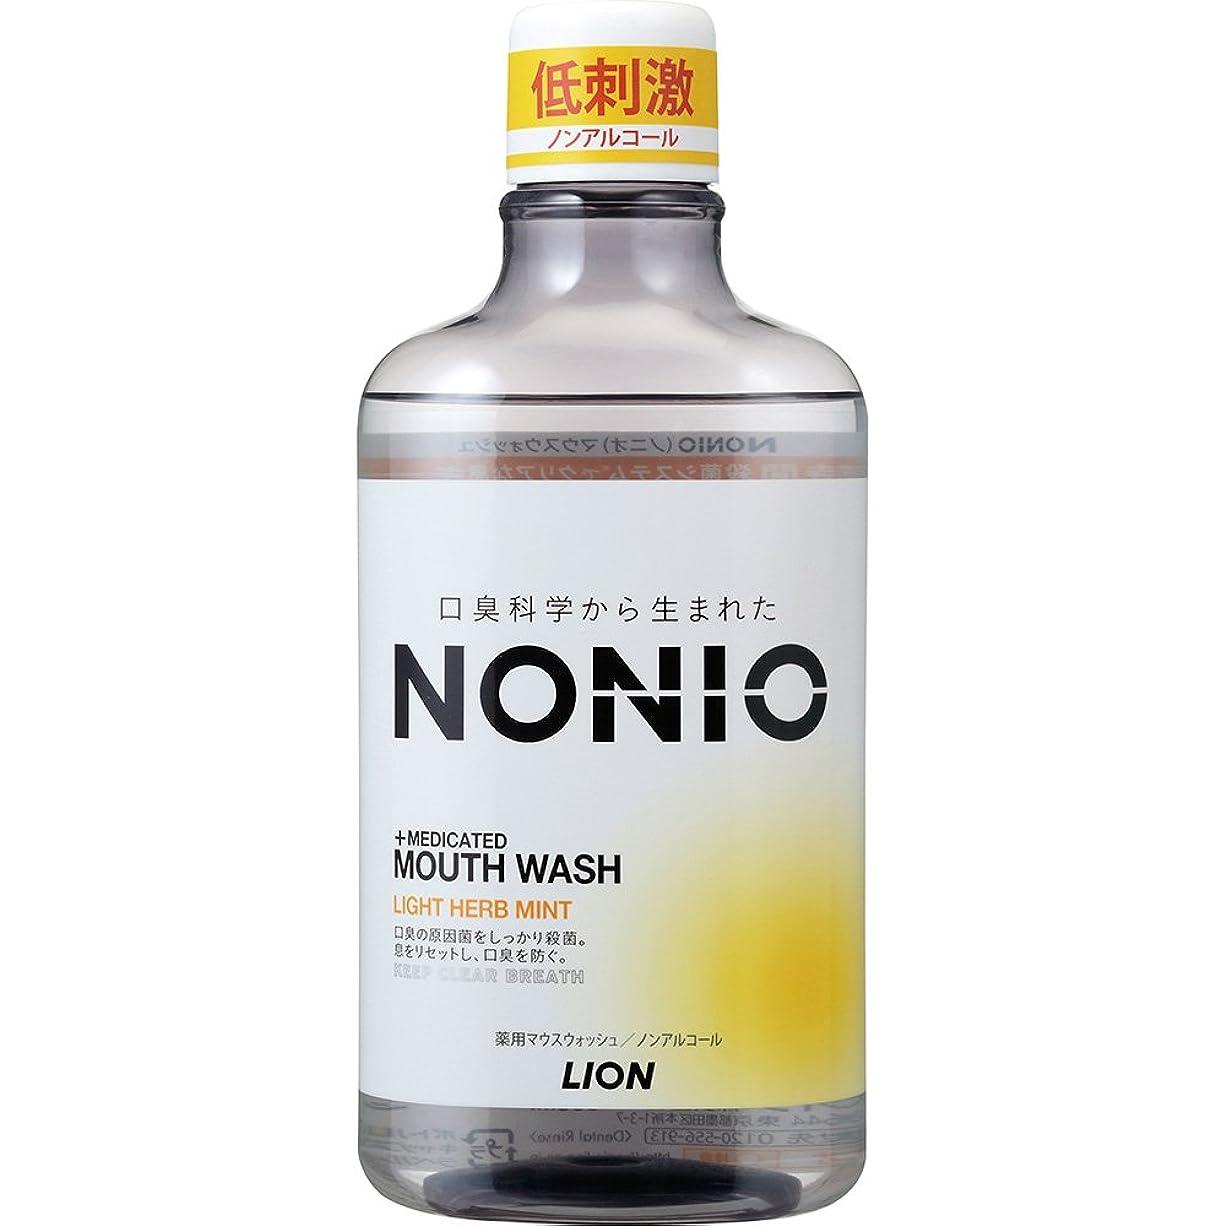 統合する体現する交通渋滞[医薬部外品]NONIO マウスウォッシュ ノンアルコール ライトハーブミント 600ml 洗口液